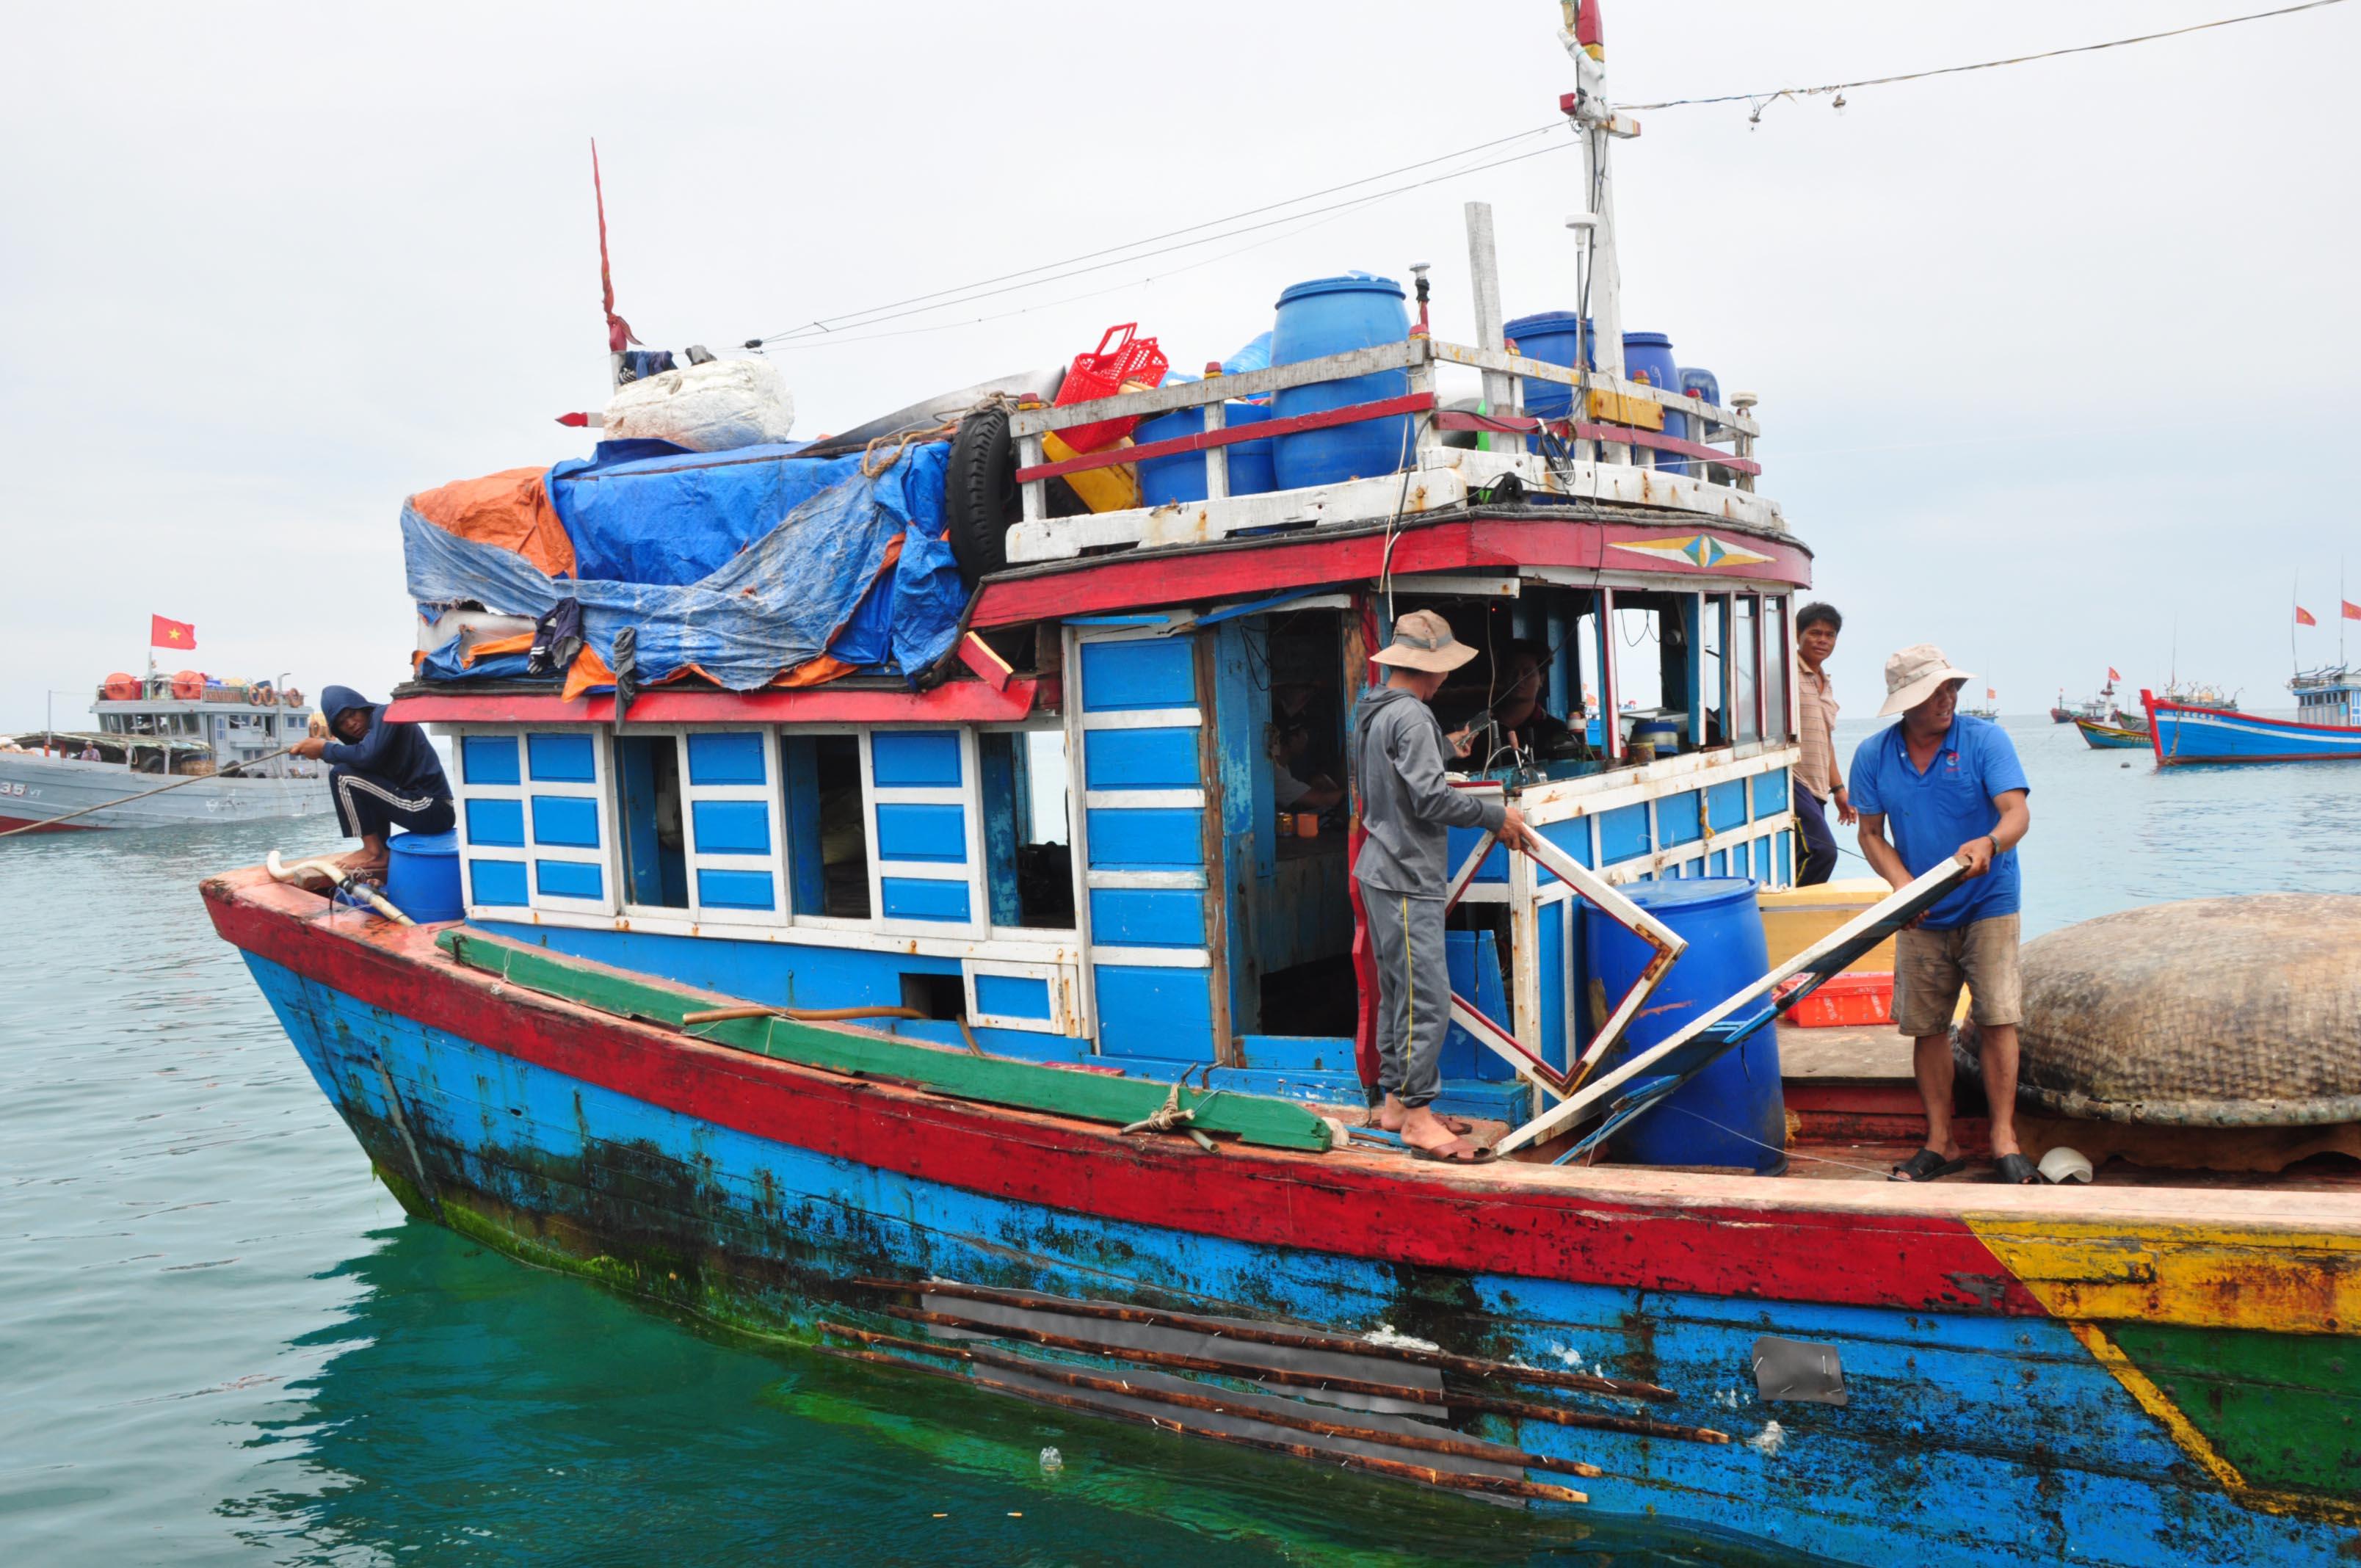 Mạng phải thân tàu QNg 96416 bị tàu ngư chính Trung Quốc đâm hư hỏng